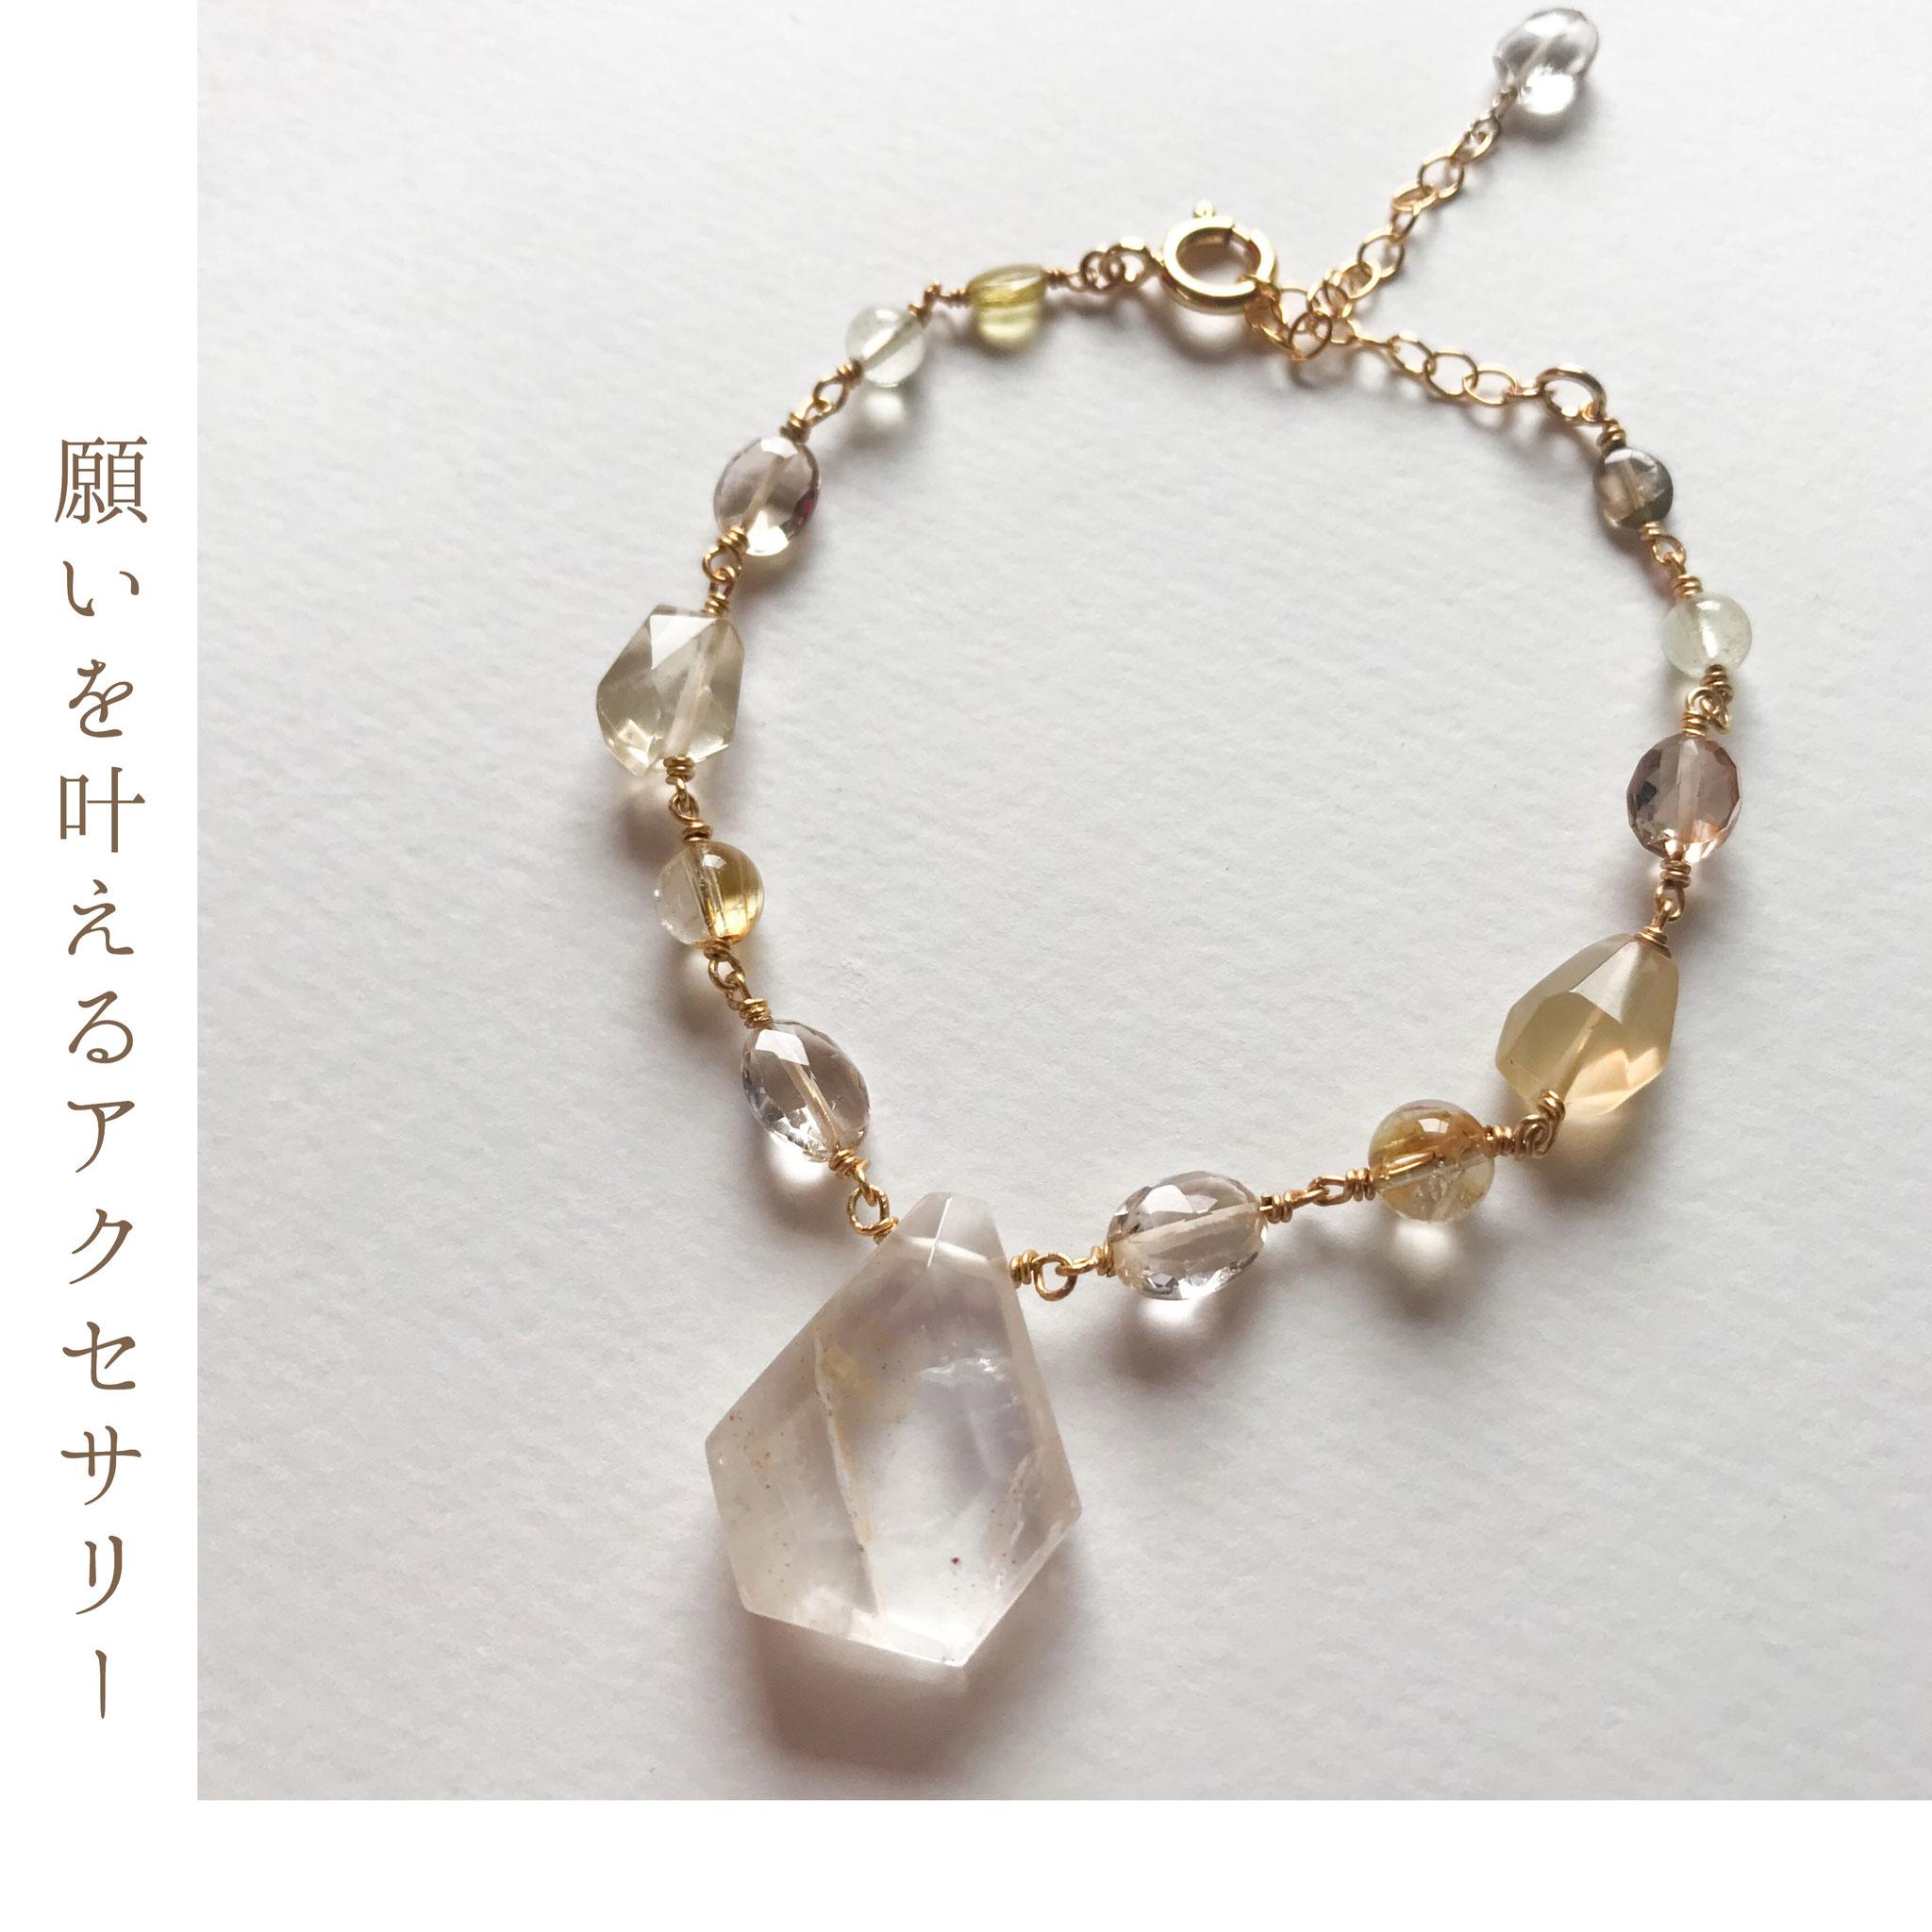 low priced dd676 cfc7d 願いを叶えるアクセサリー - ::: arcanum(アーケイナム ...